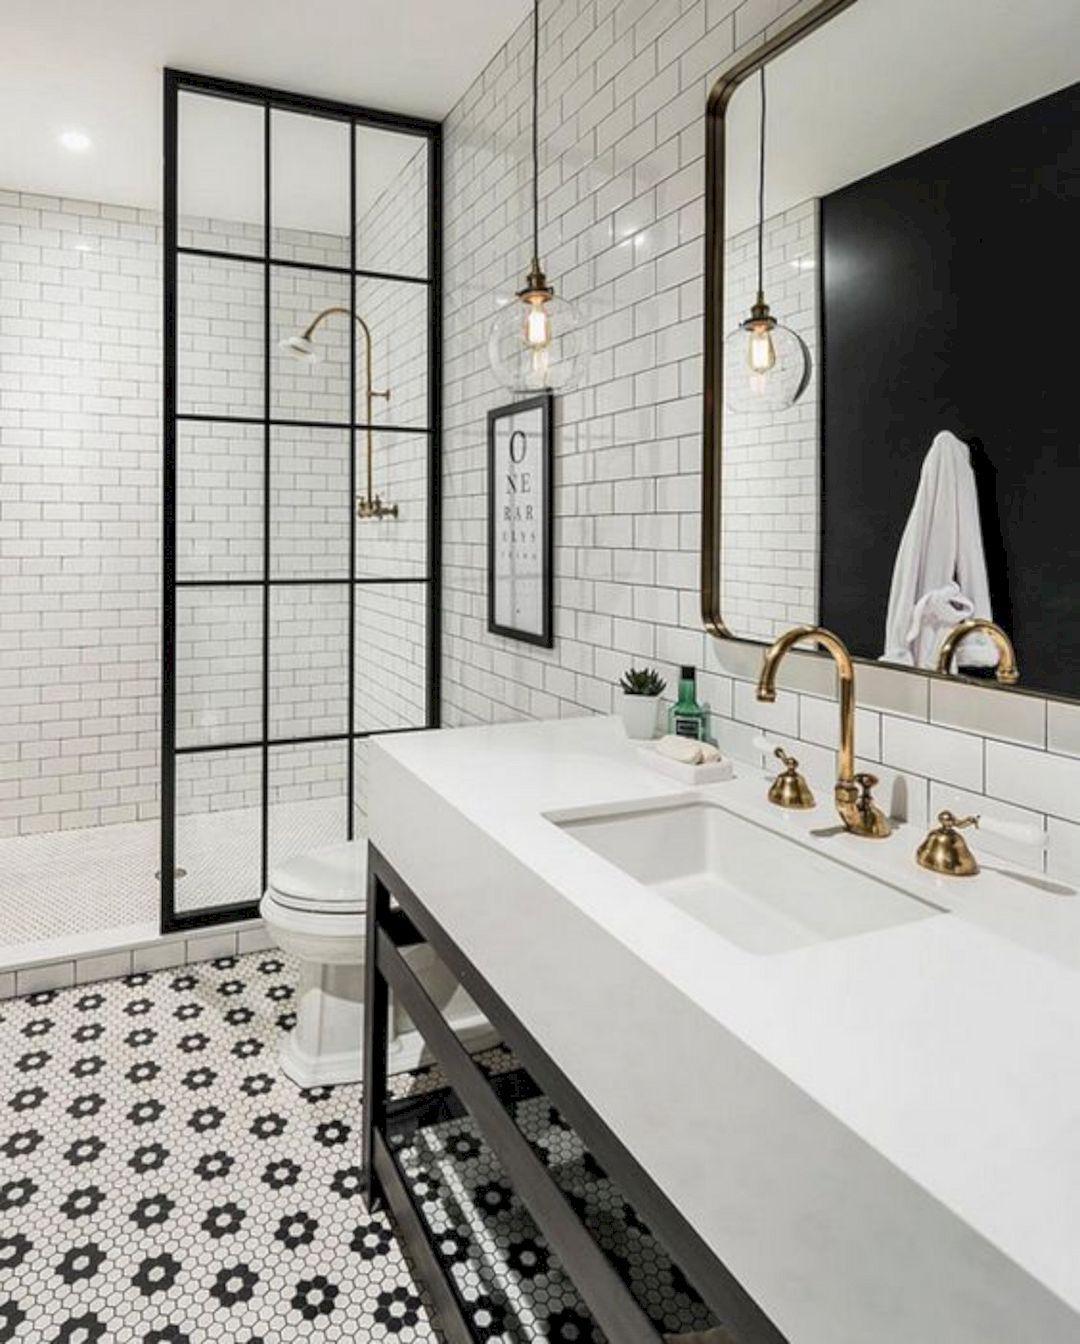 Mosaic Bathroom Designs 39 Wonderful Farmhouse Bathroom Decor Ideas  Mosaic Wall